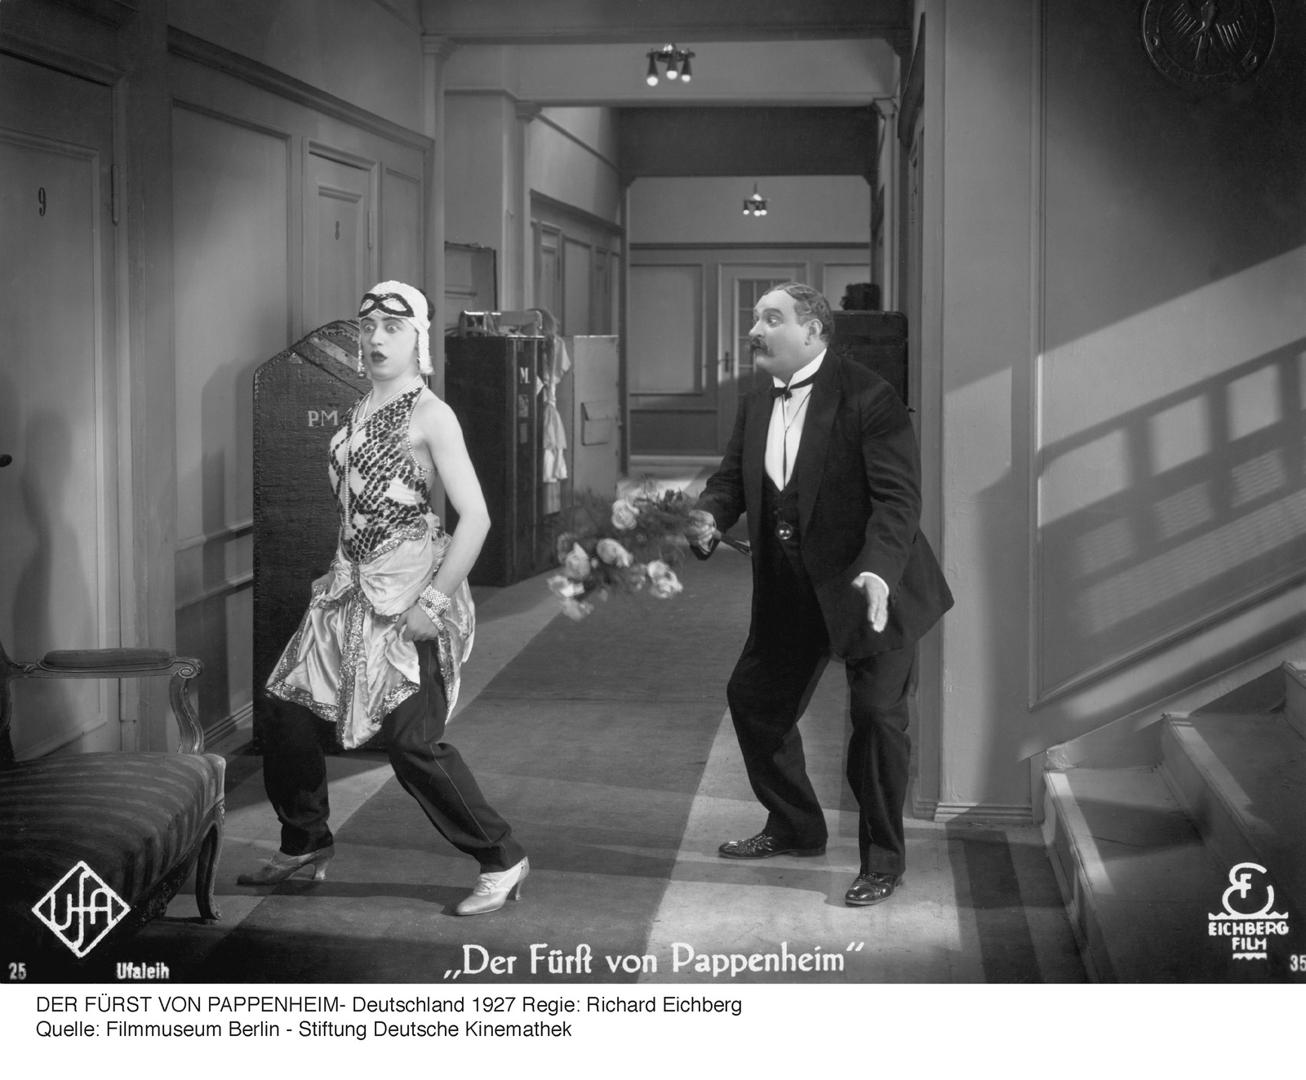 Der Fürst von Pappenheim (The Masked Mannequin). 1927. Germany. image